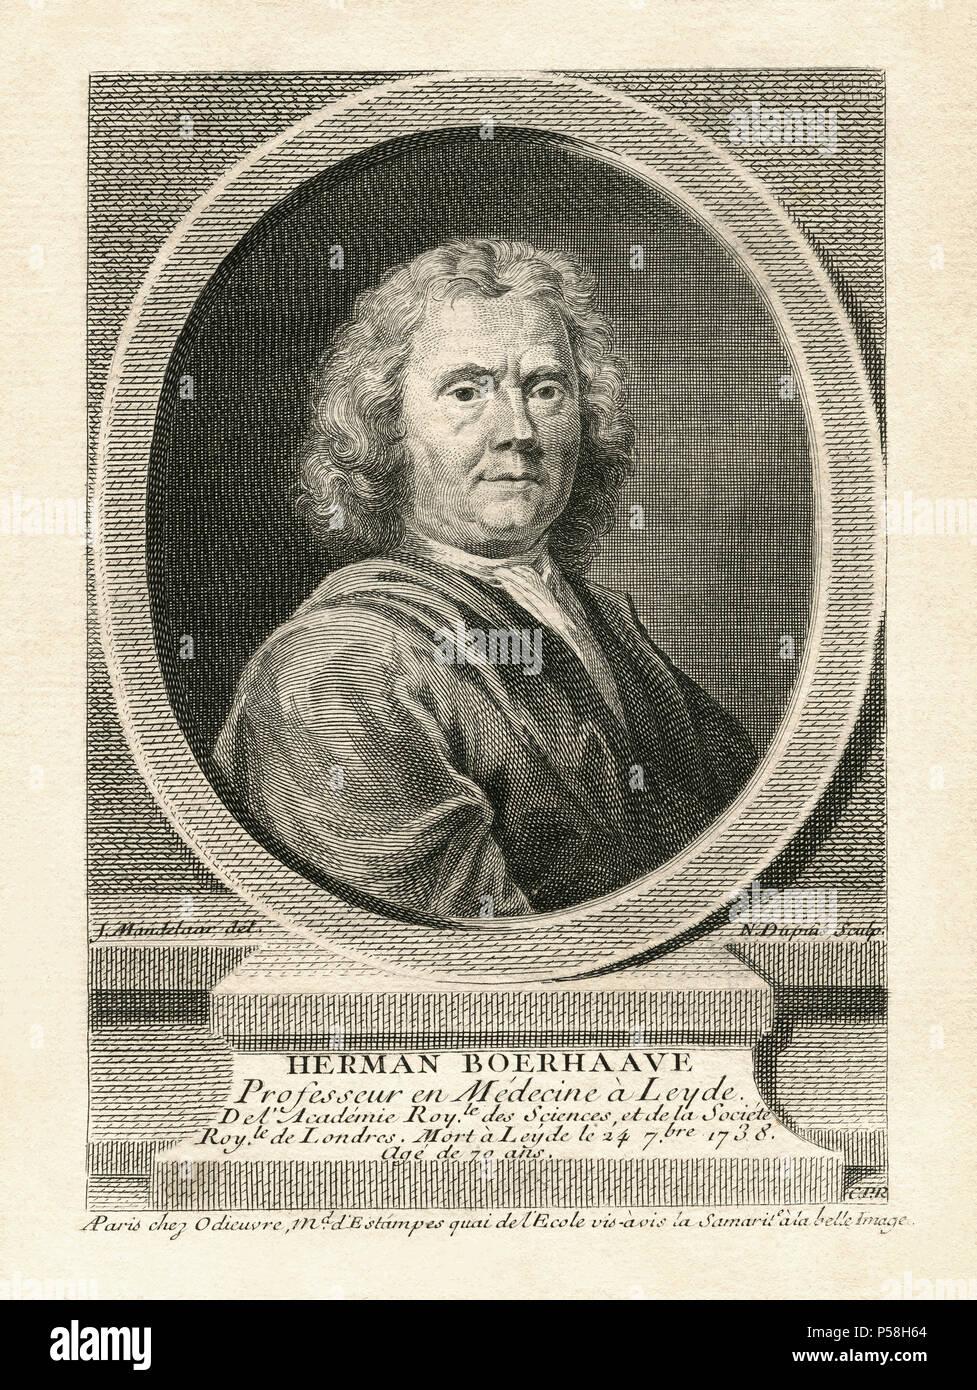 Herman Boerhaave (1668-1738), botaniste néerlandais, chimiste, médecin et humaniste chrétien, Tête et épaules Gravure Photo Stock